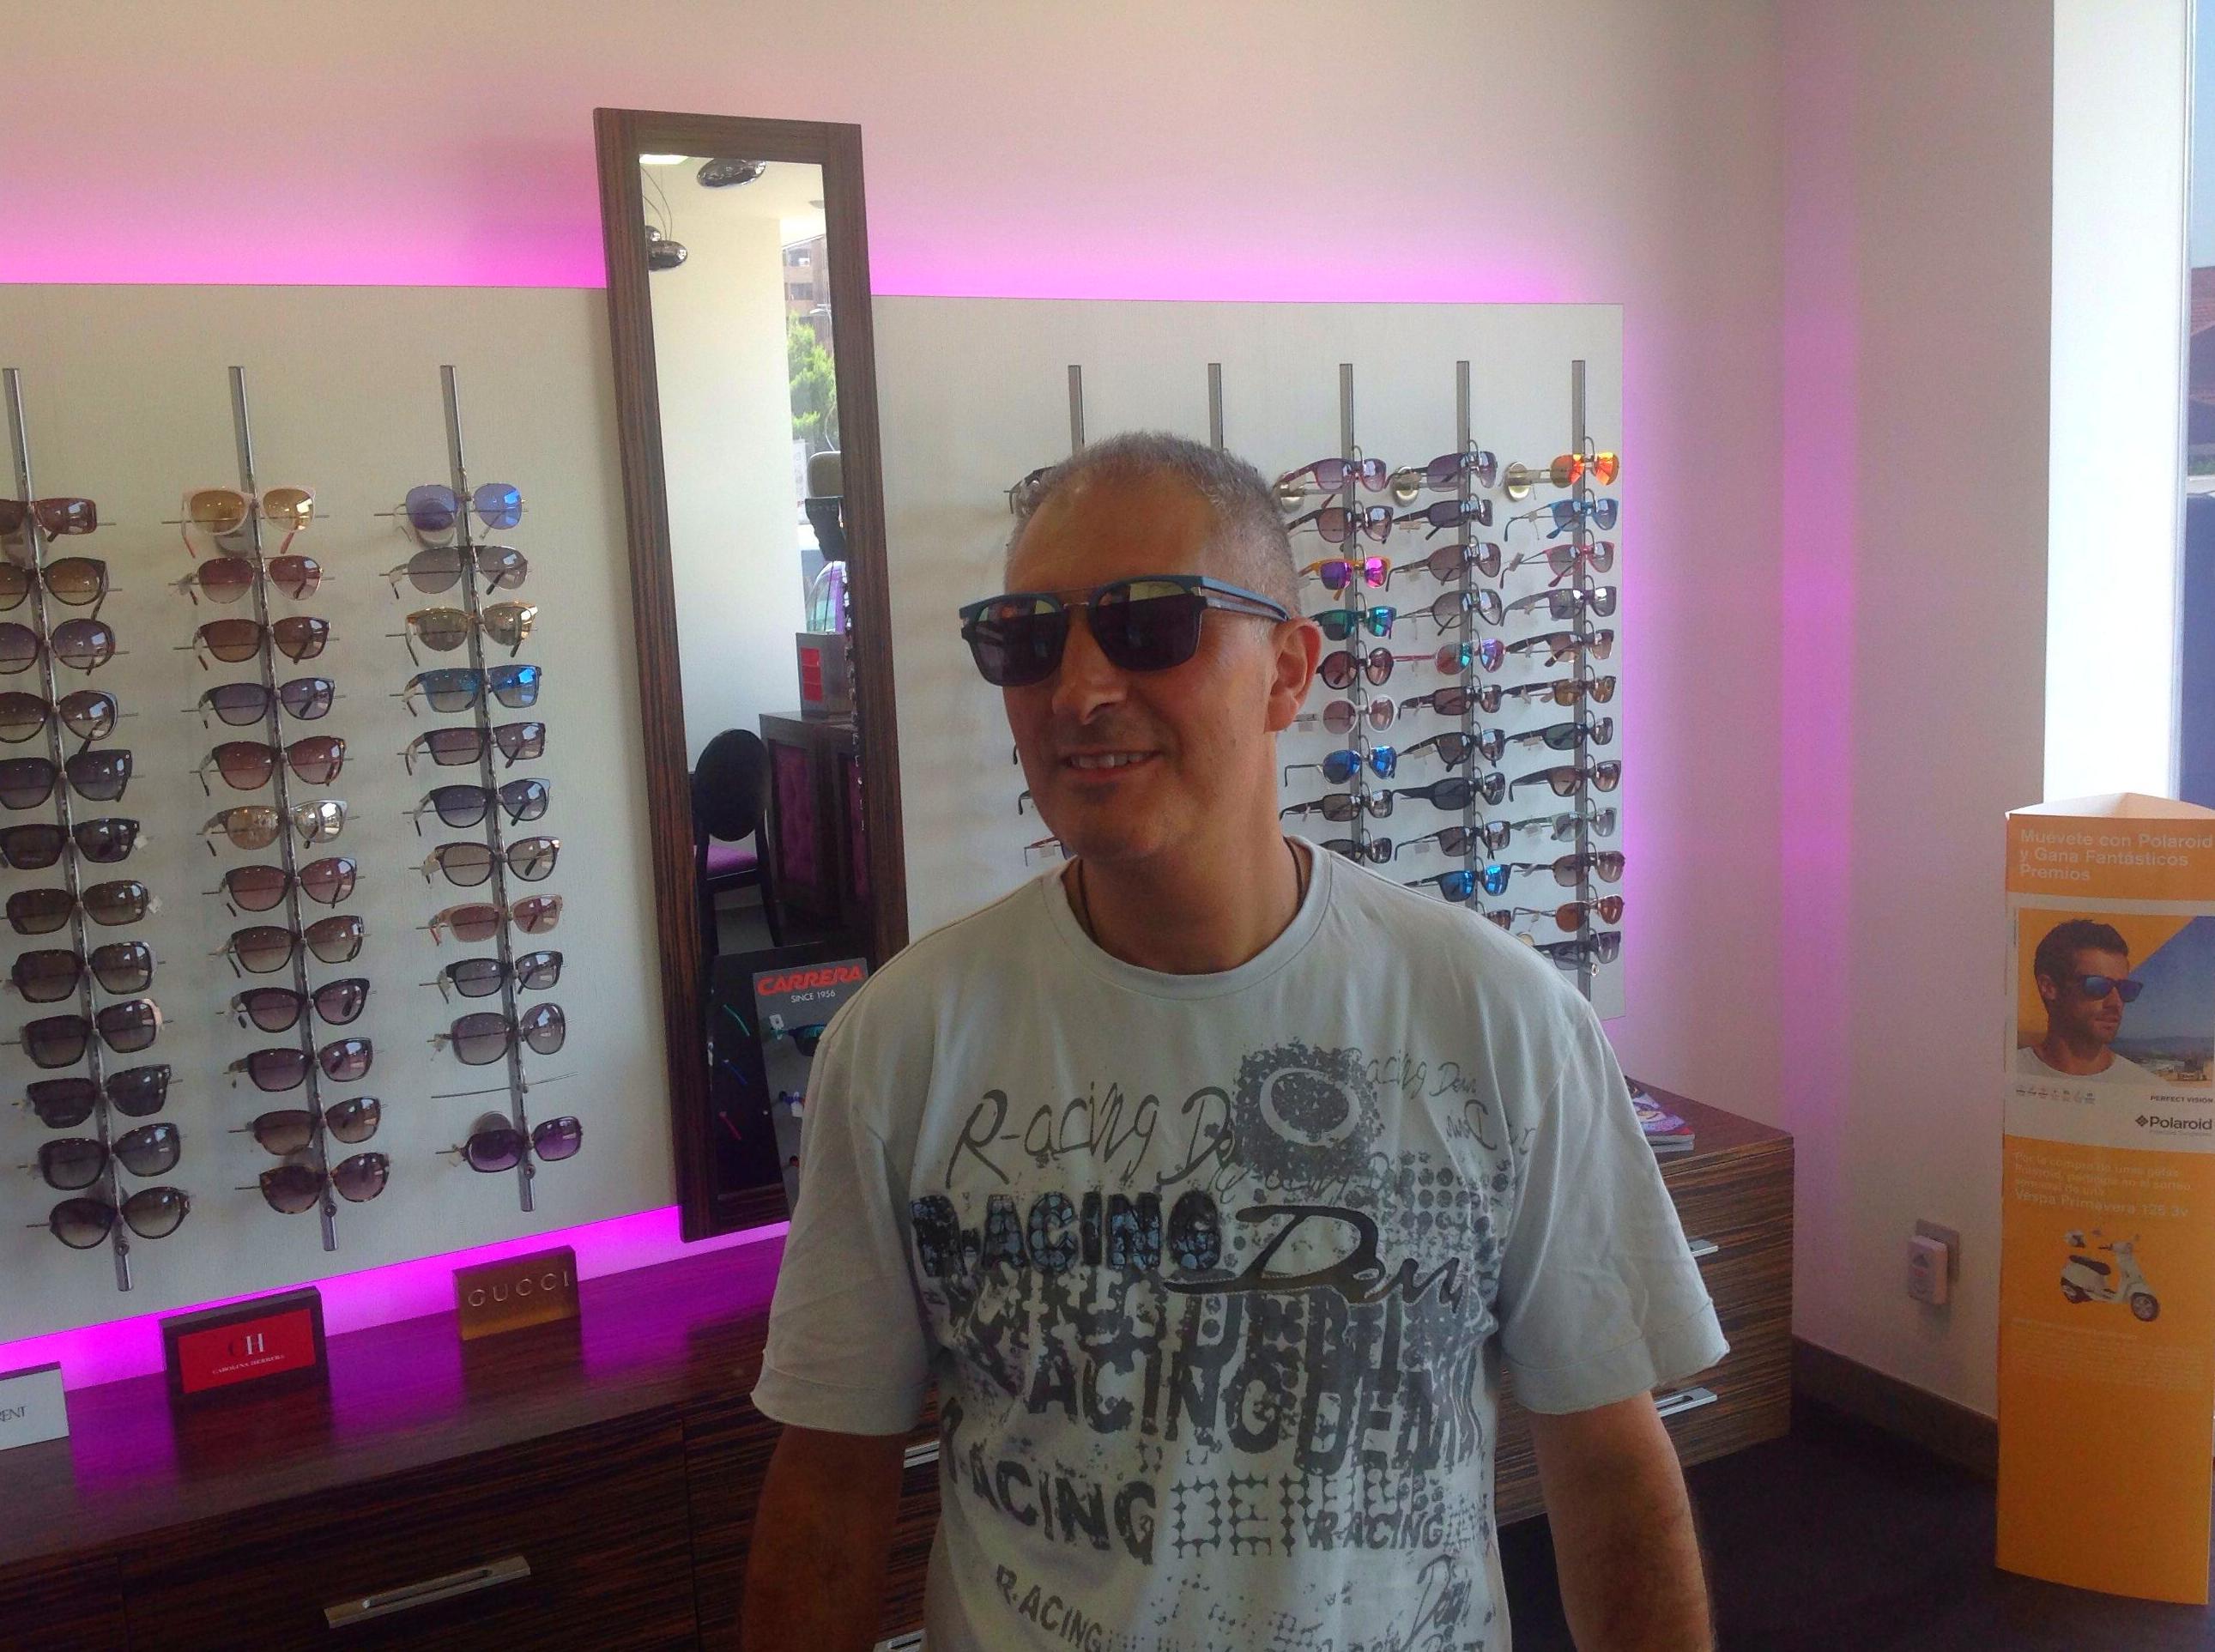 Un amigo probando las gafas police Neymar.